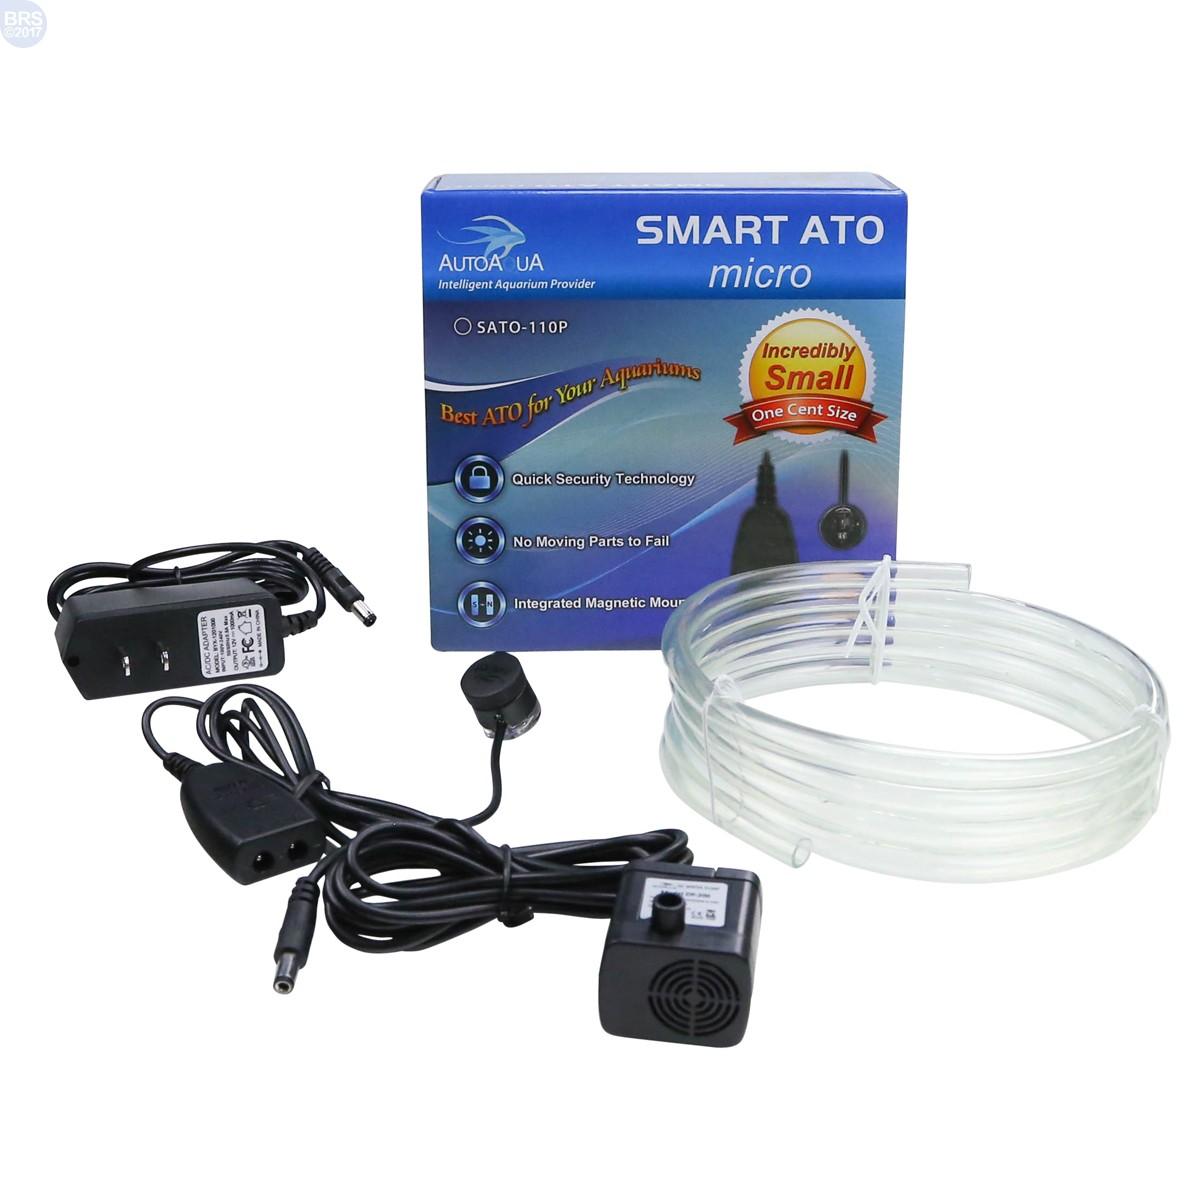 Smart Ato Micro 120p Auto Top Off System Autoaqua